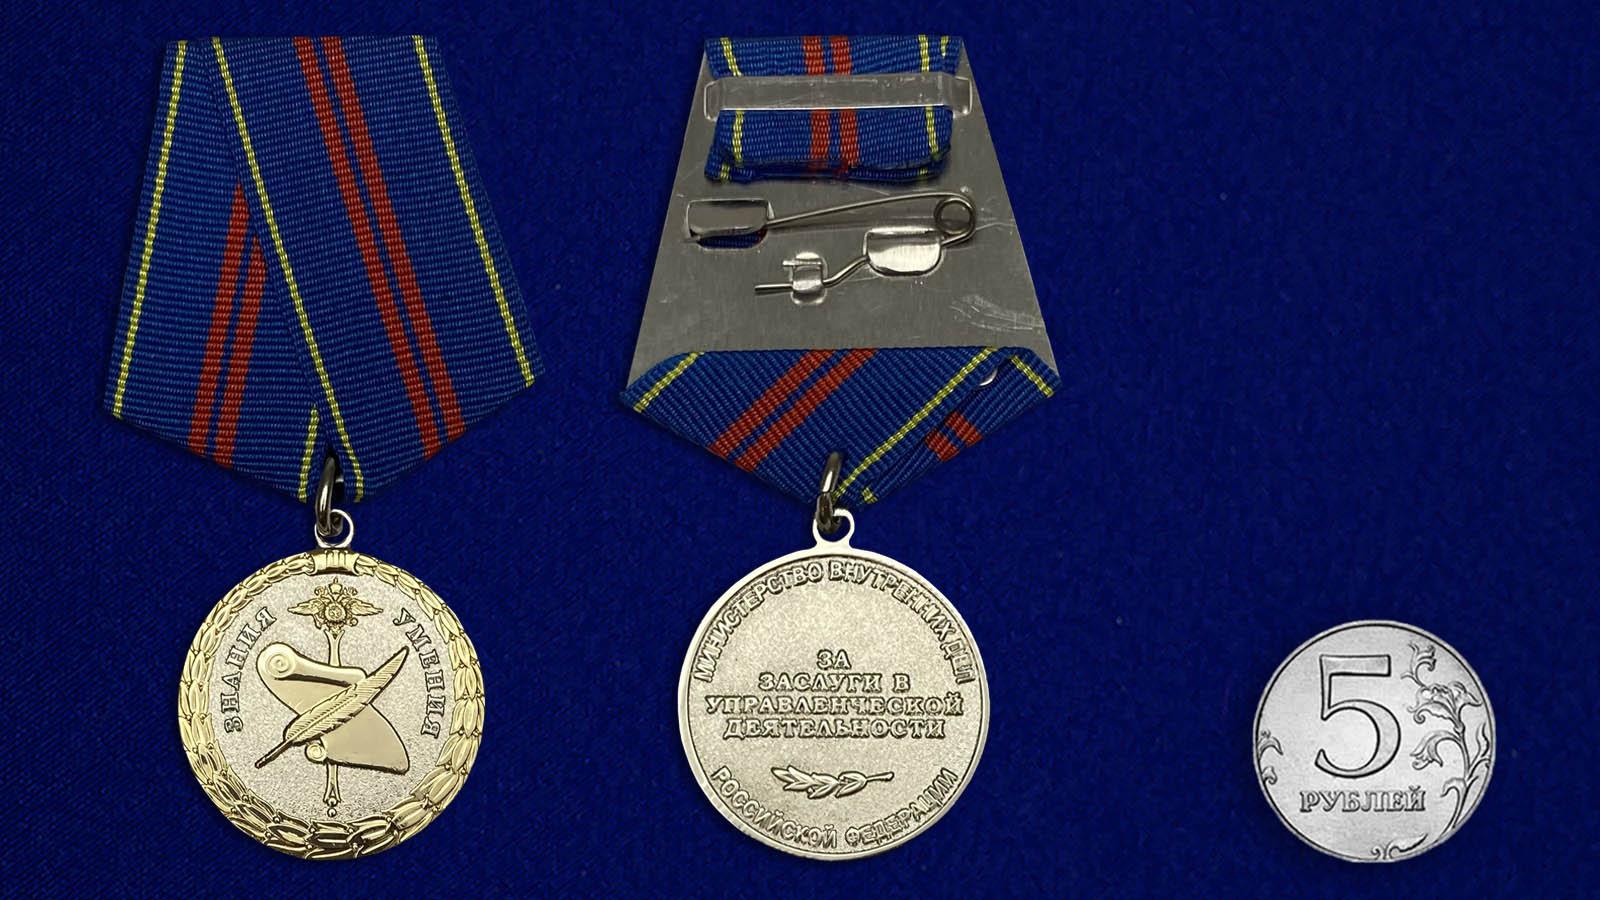 Медаль За управленческую деятельность МВД РФ 2 степени на подставке - сравнительный вид